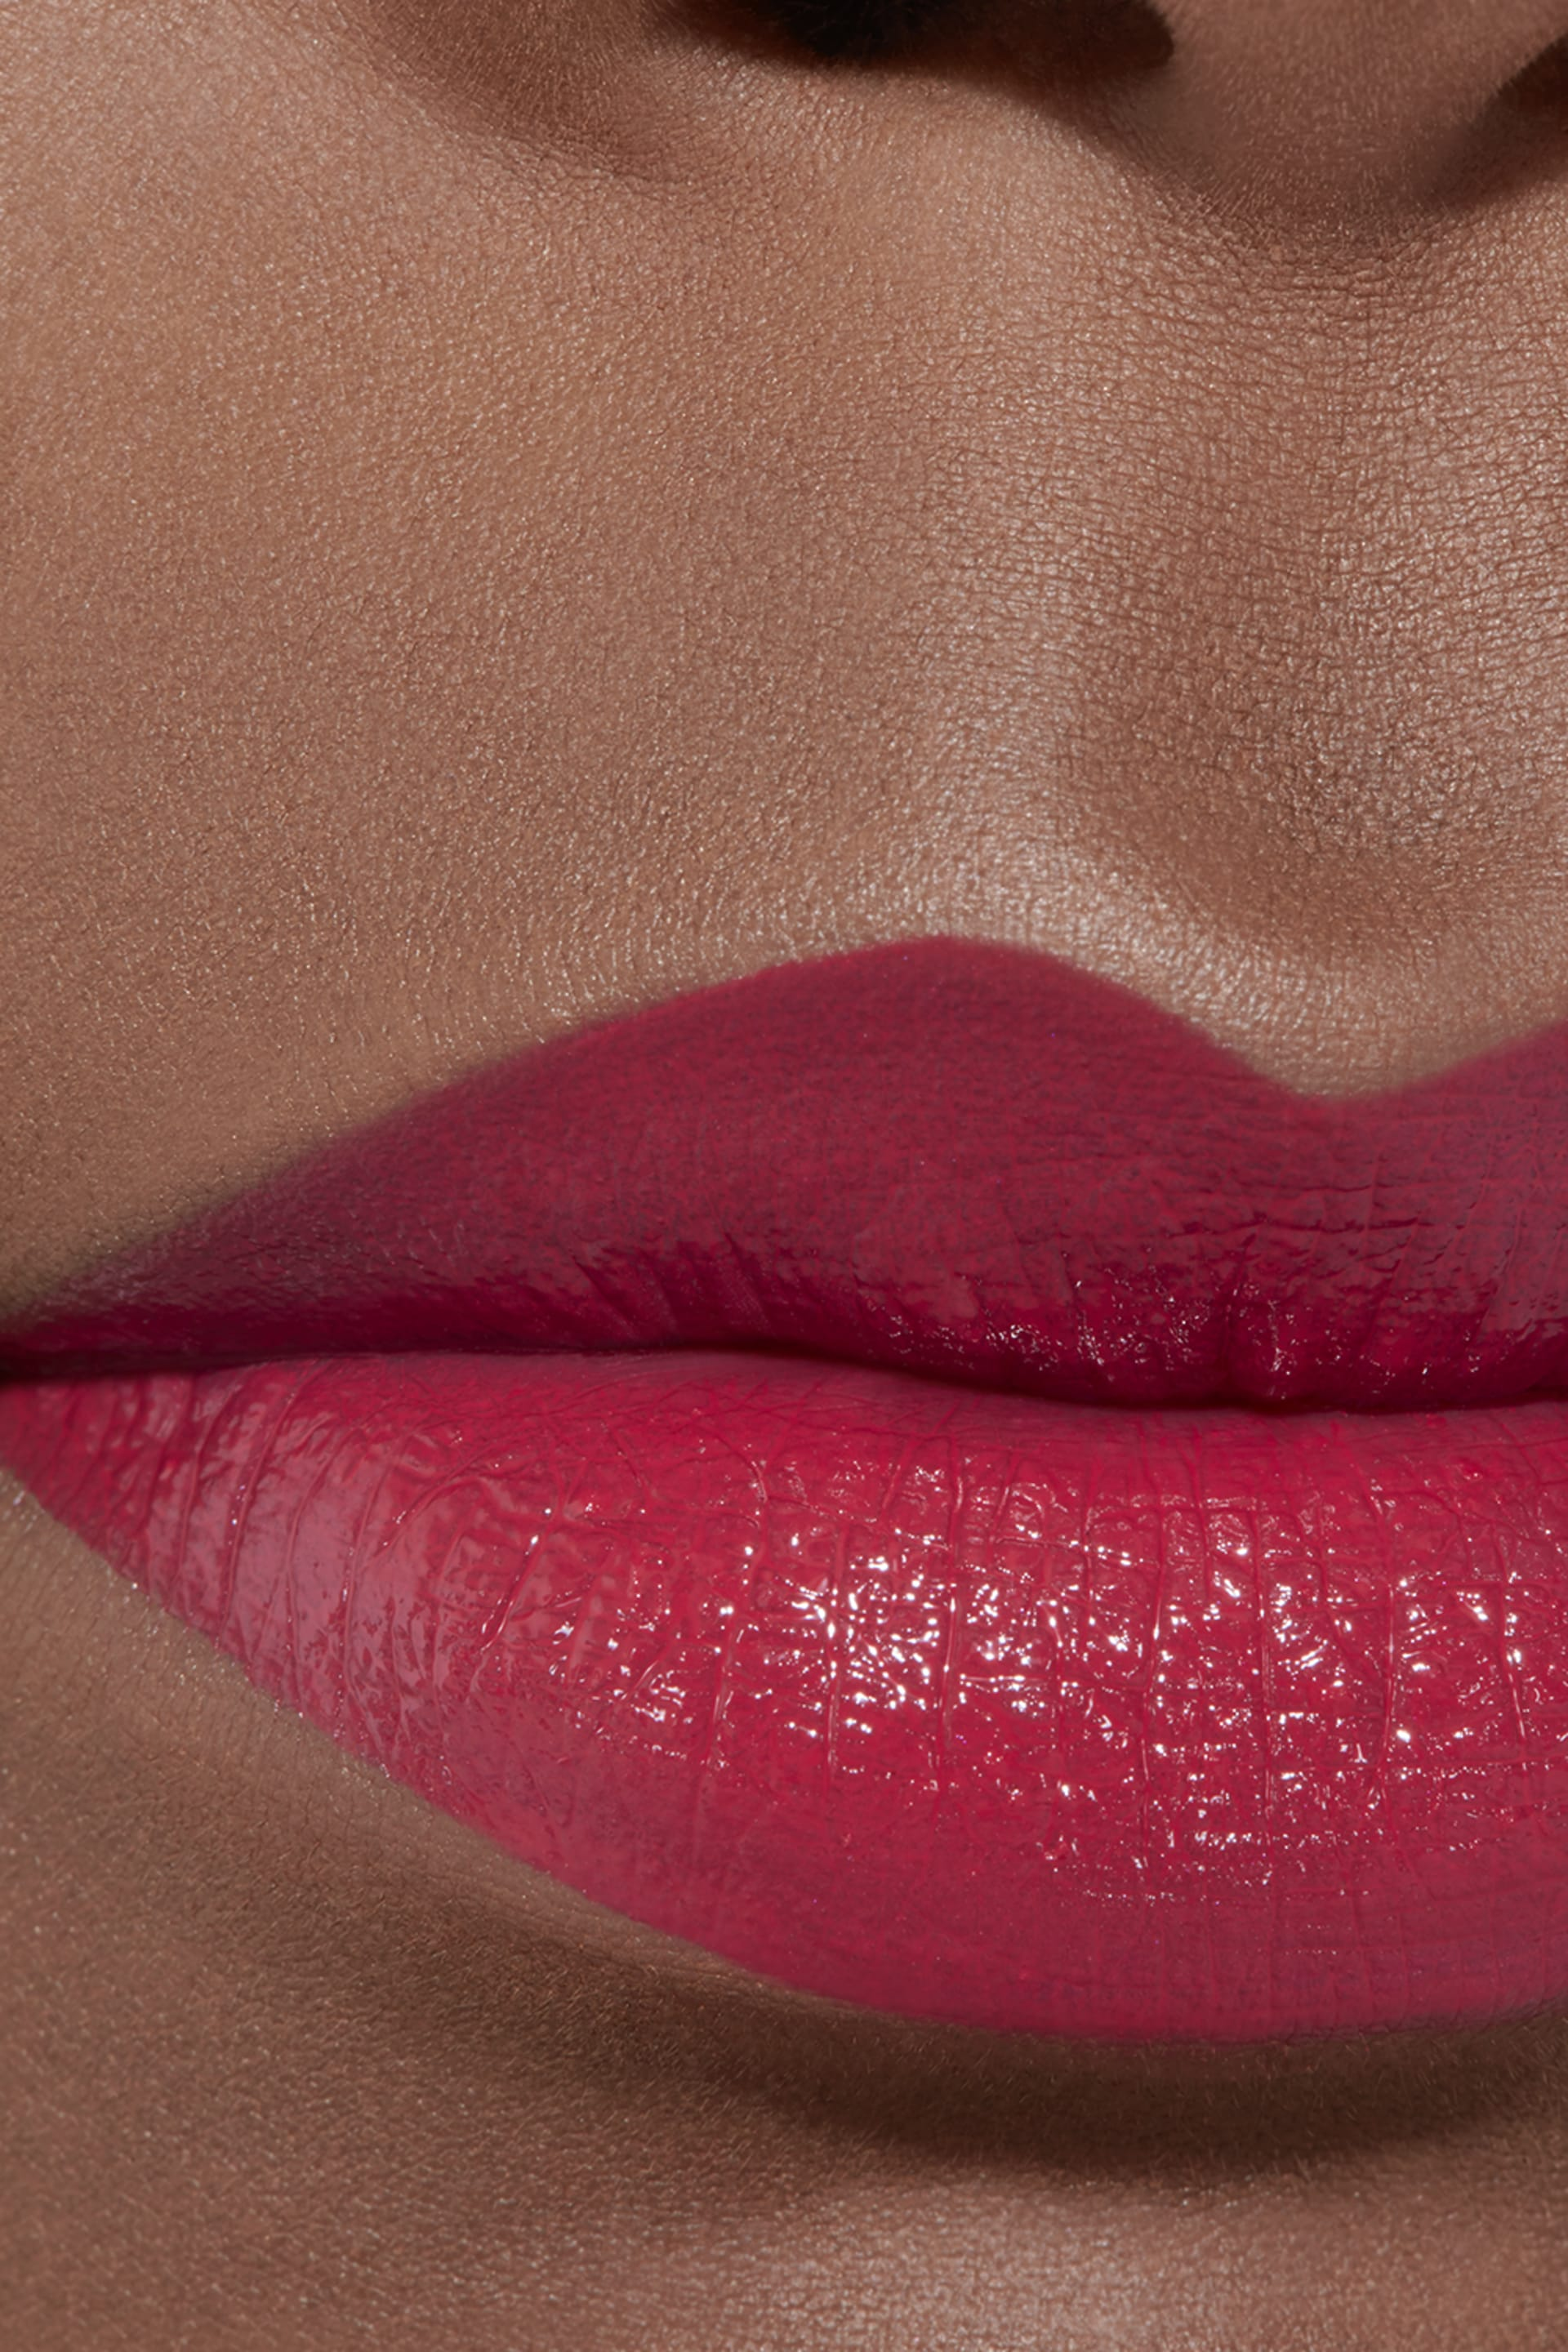 Application makeup visual 2 - LE ROUGE CRAYON DE COULEUR N°4 - ROUGE CORAIL